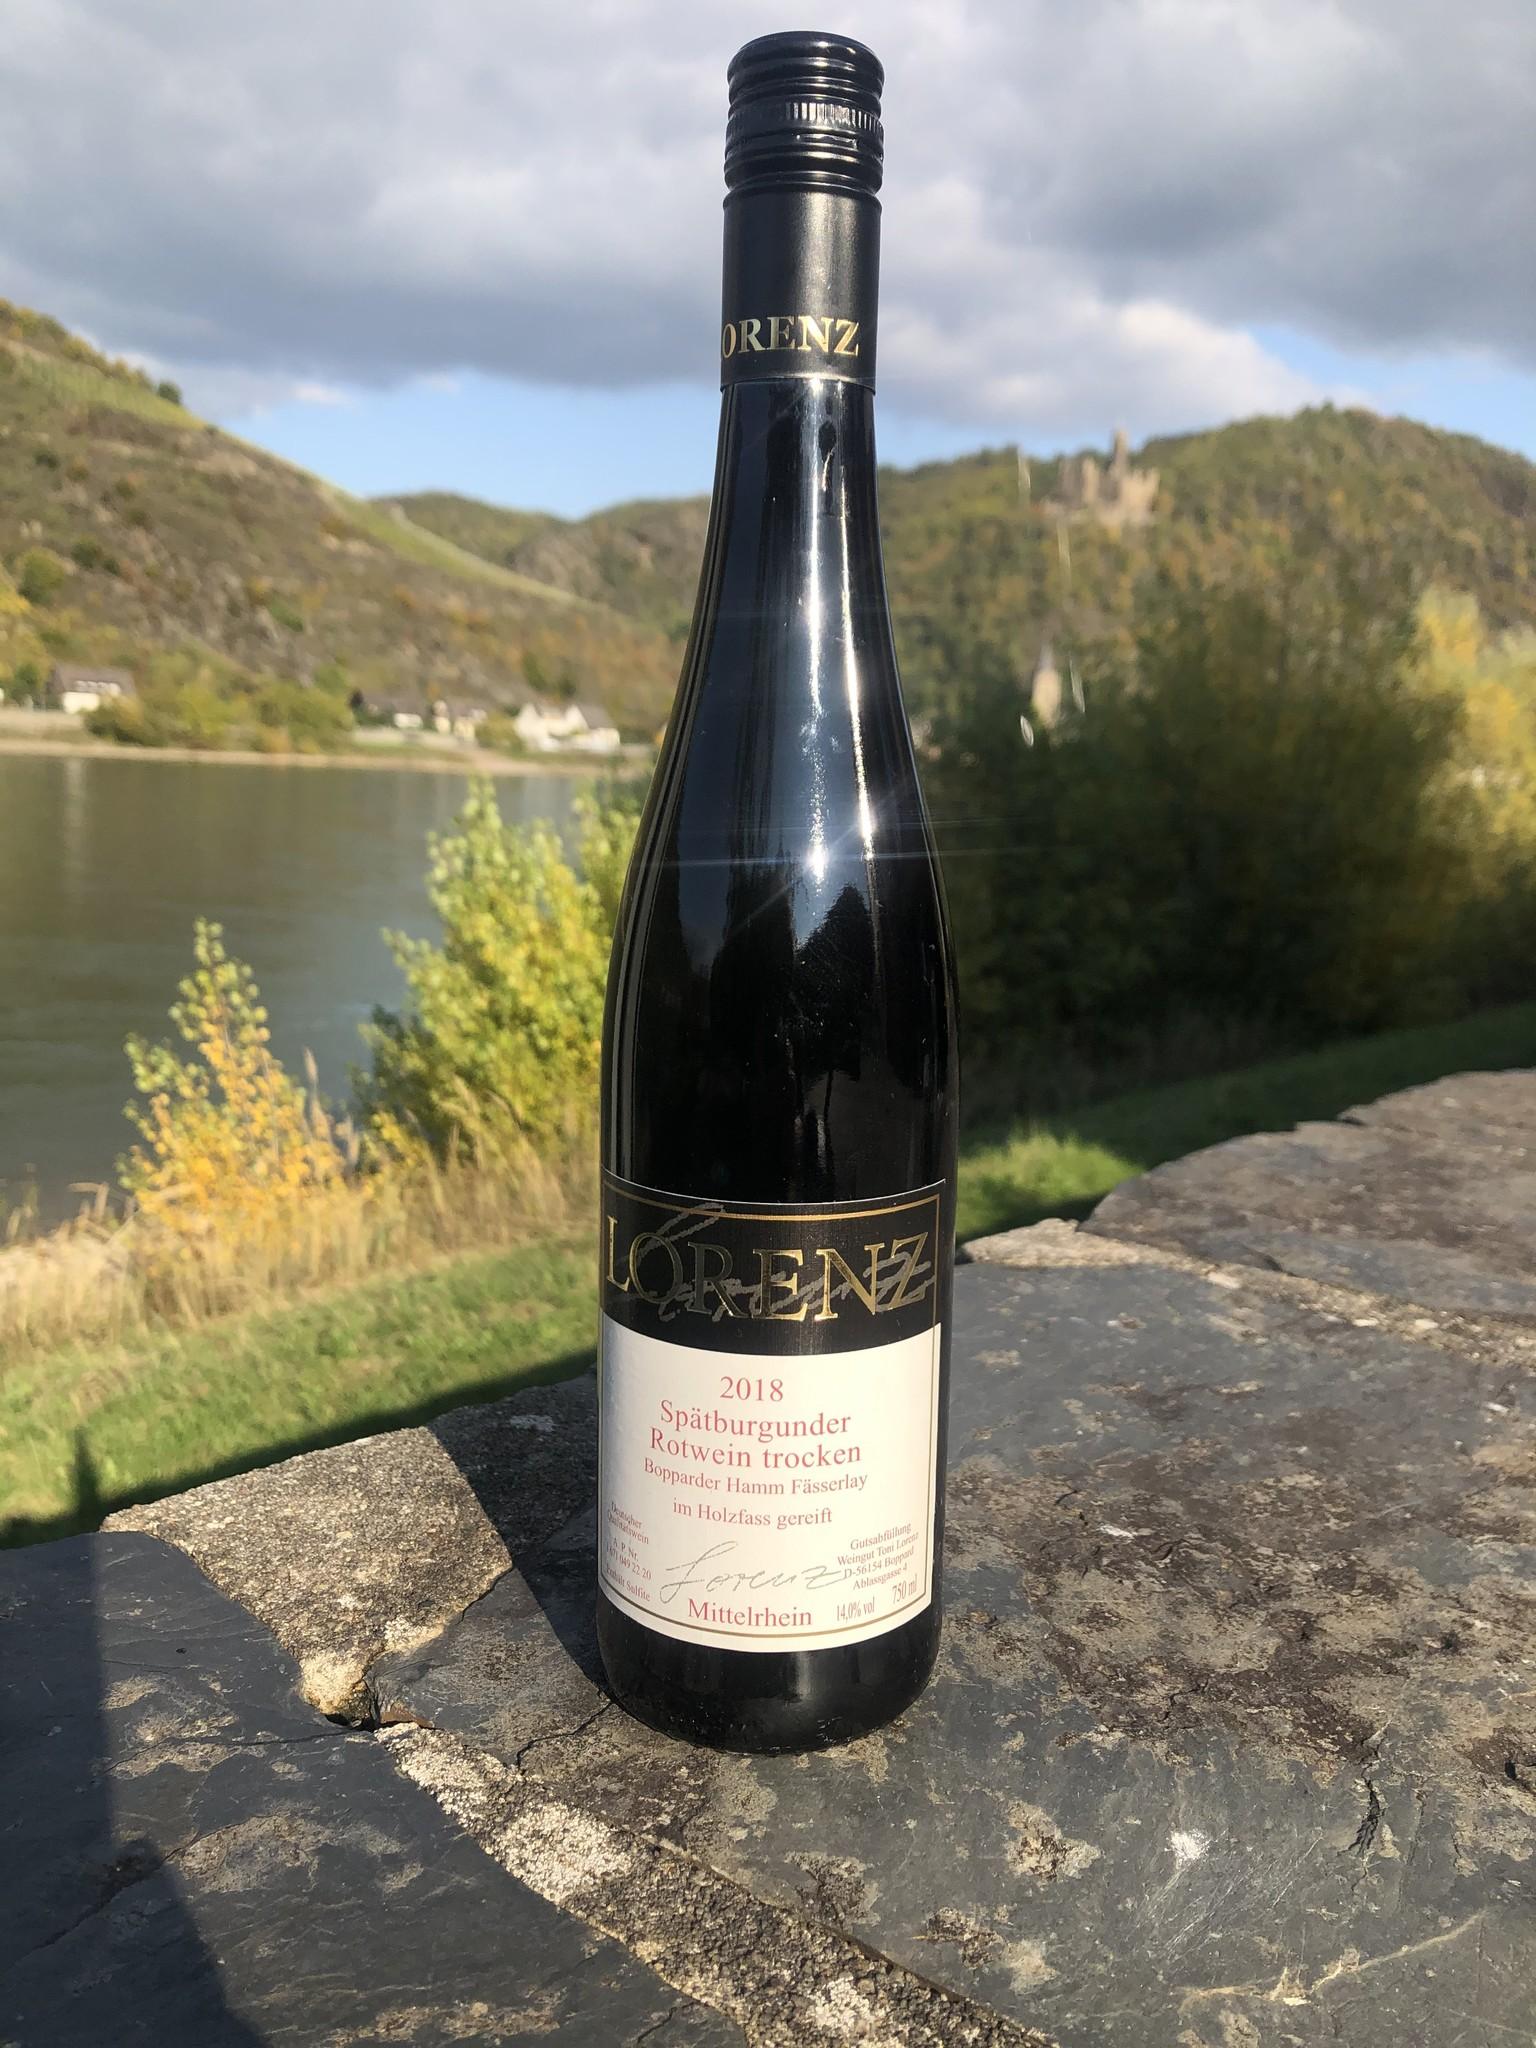 Weingut Toni Lorenz 2018 Spätburgunder Rotwein trocken aus dem Holzfass Bopparder Hamm Fässerlay